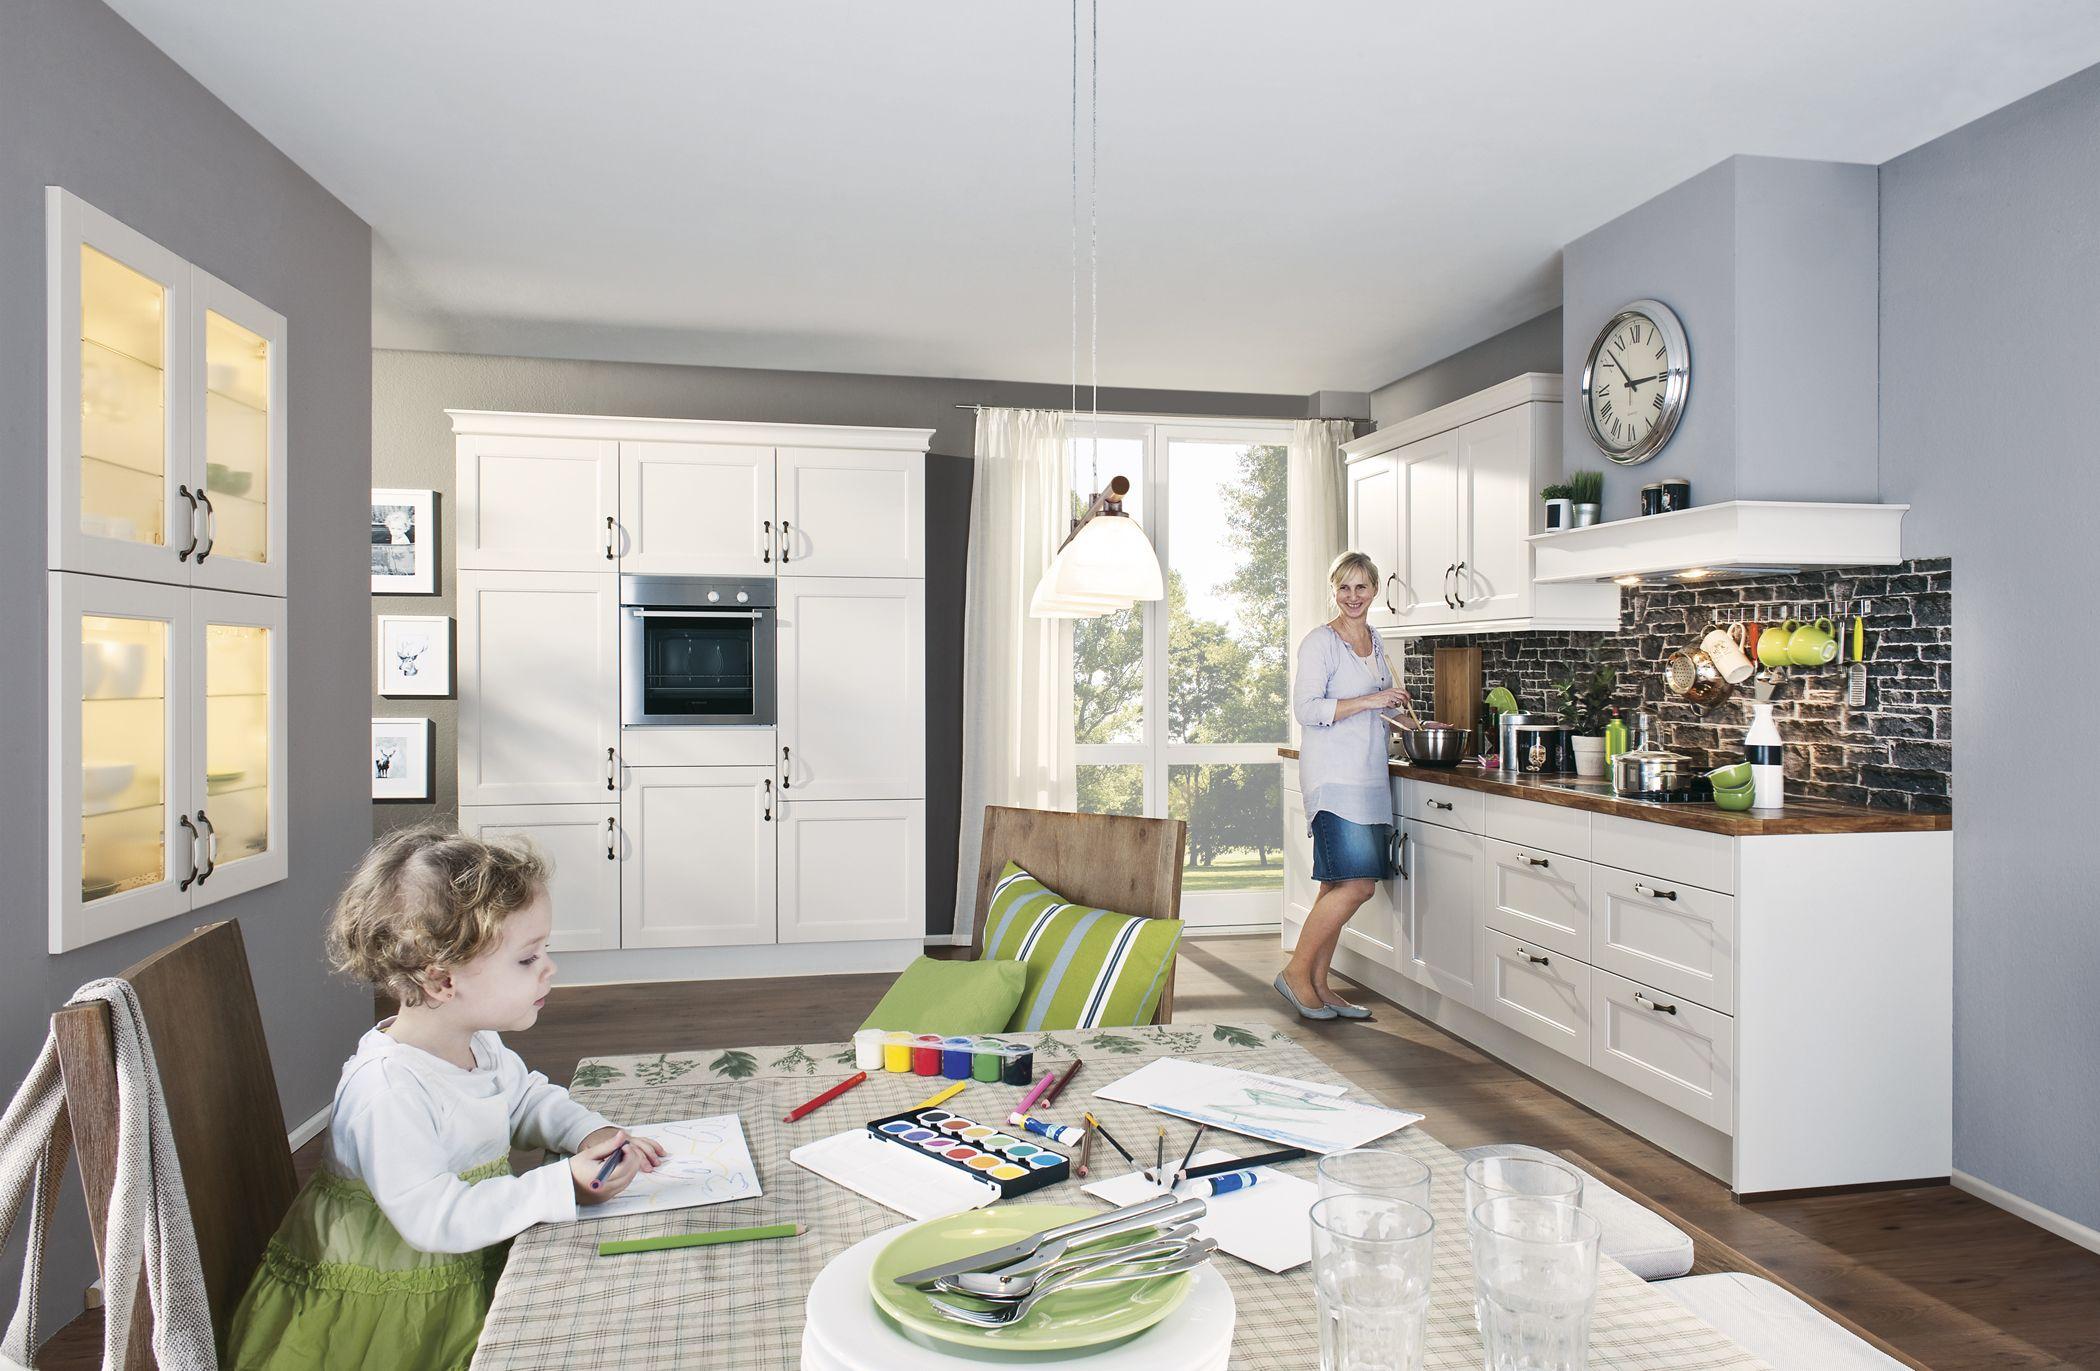 moderne landhausk che in hellen farben von nobilia erh ltlich bei h ffner k chen pinterest. Black Bedroom Furniture Sets. Home Design Ideas